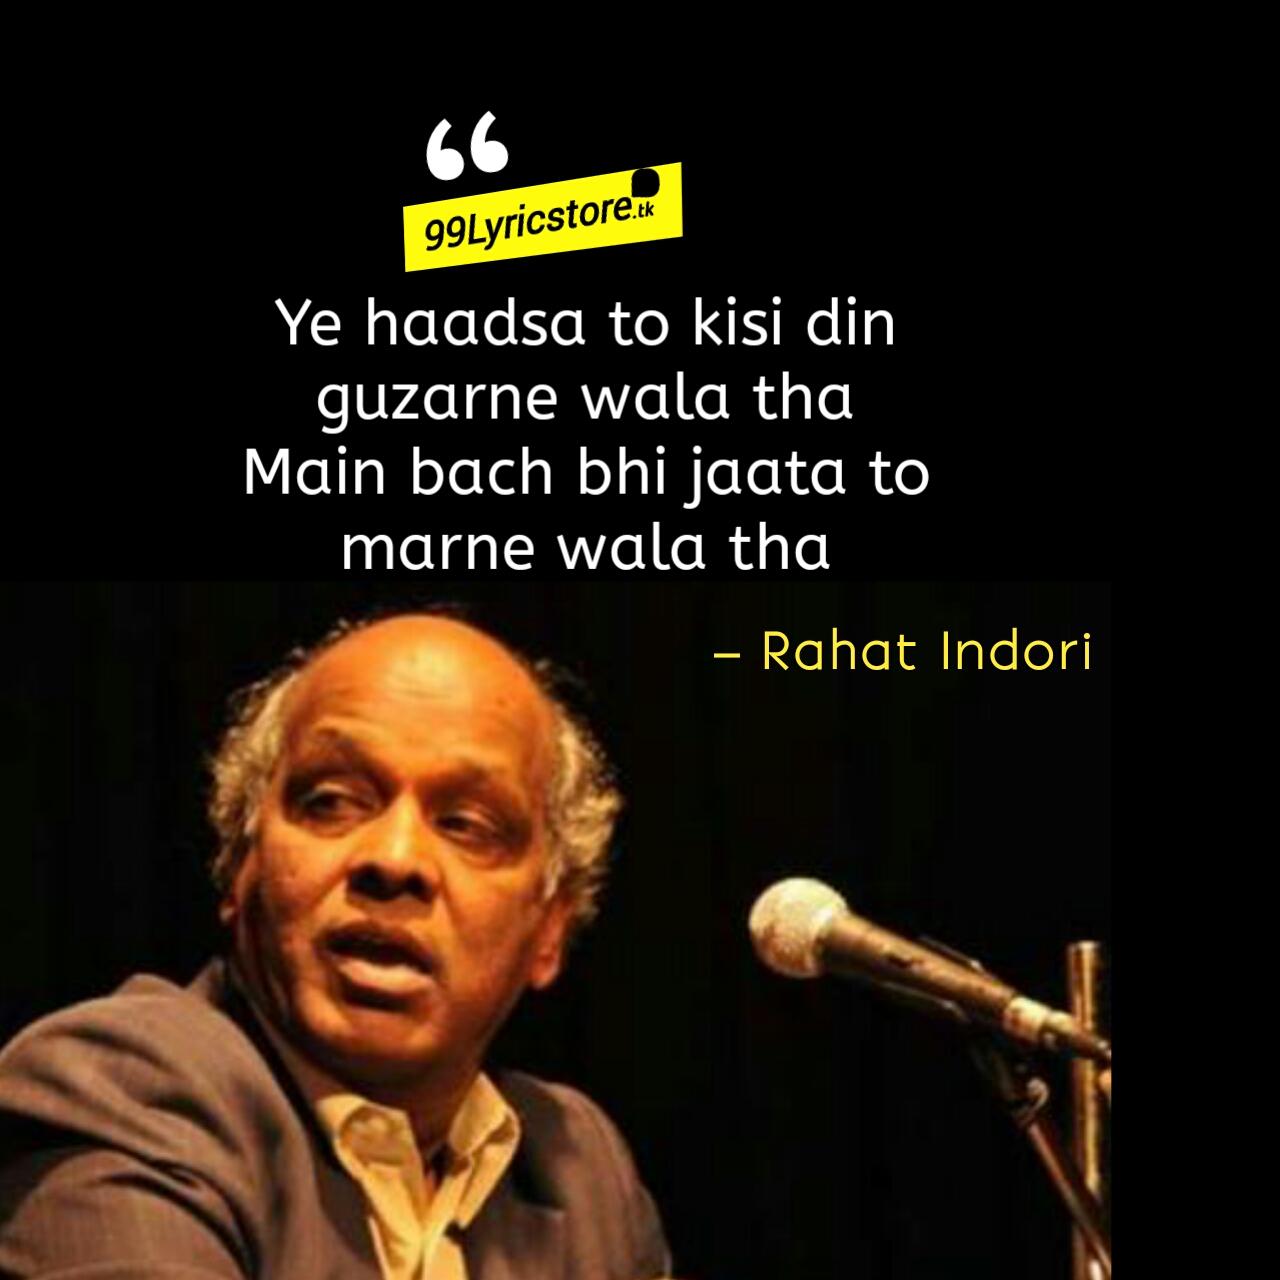 Yeh Haadsa To Kisi Din Guzarne Wala Tha – Rahat Indori   Ghazal Poetry, Rahat Indori Quotes image, Rahat indori Shayari, Rahat indori Ghazal video,  Ye haadsa to kisi din guzarne wala tha Main bach bhi jaata to marne wala tha